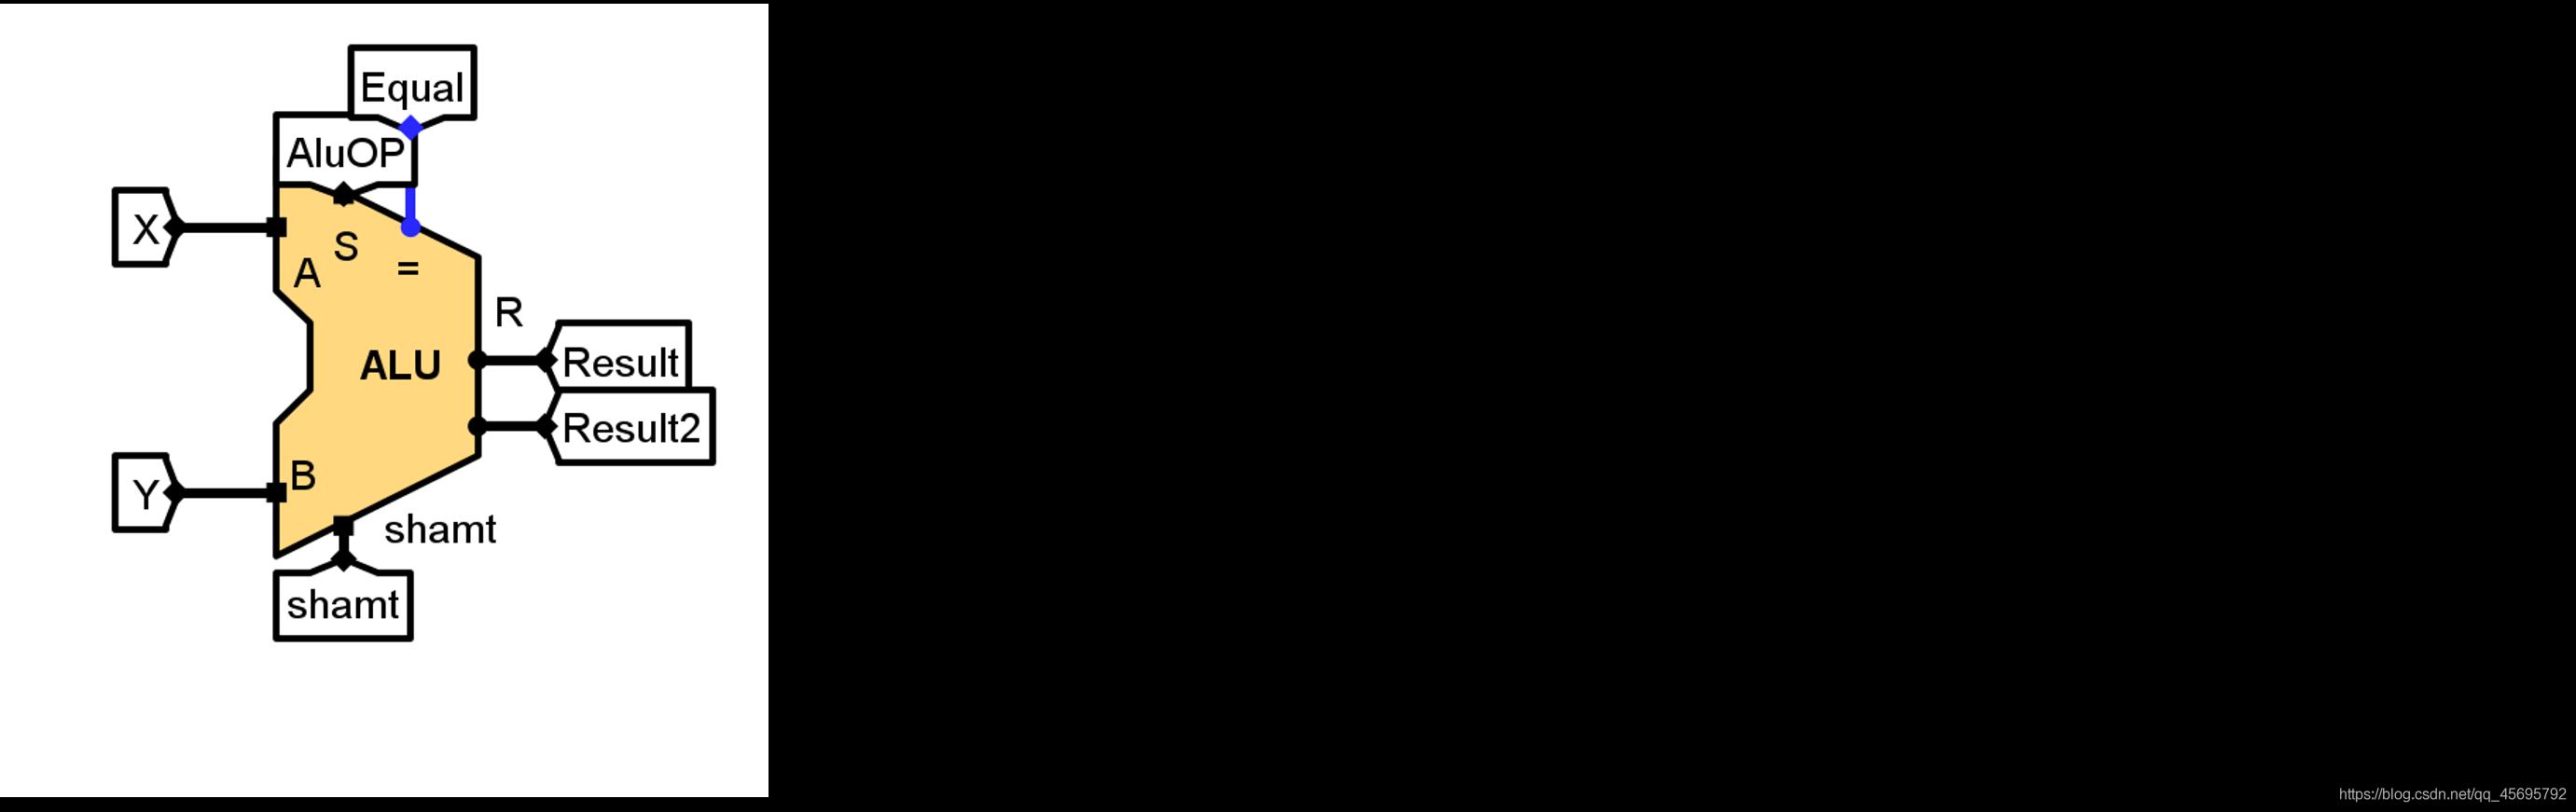 ALU结构及规格